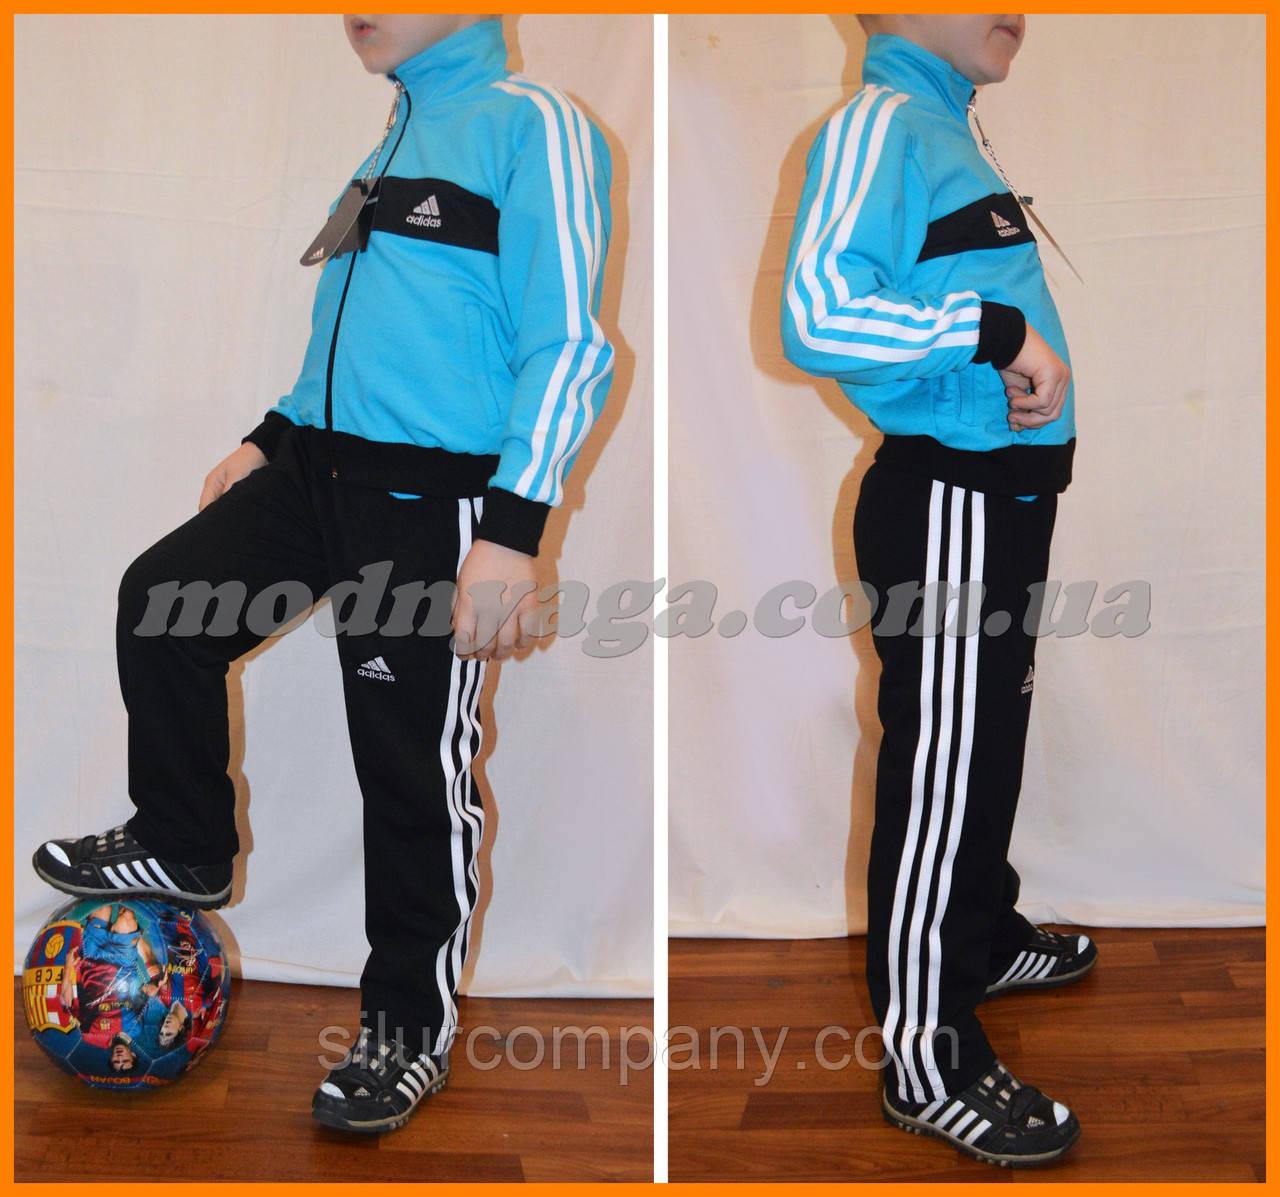 e5b6ebb5346e Детская одежда интрнет магазин, детский спортивный костюм адидас - Интернет  магазин